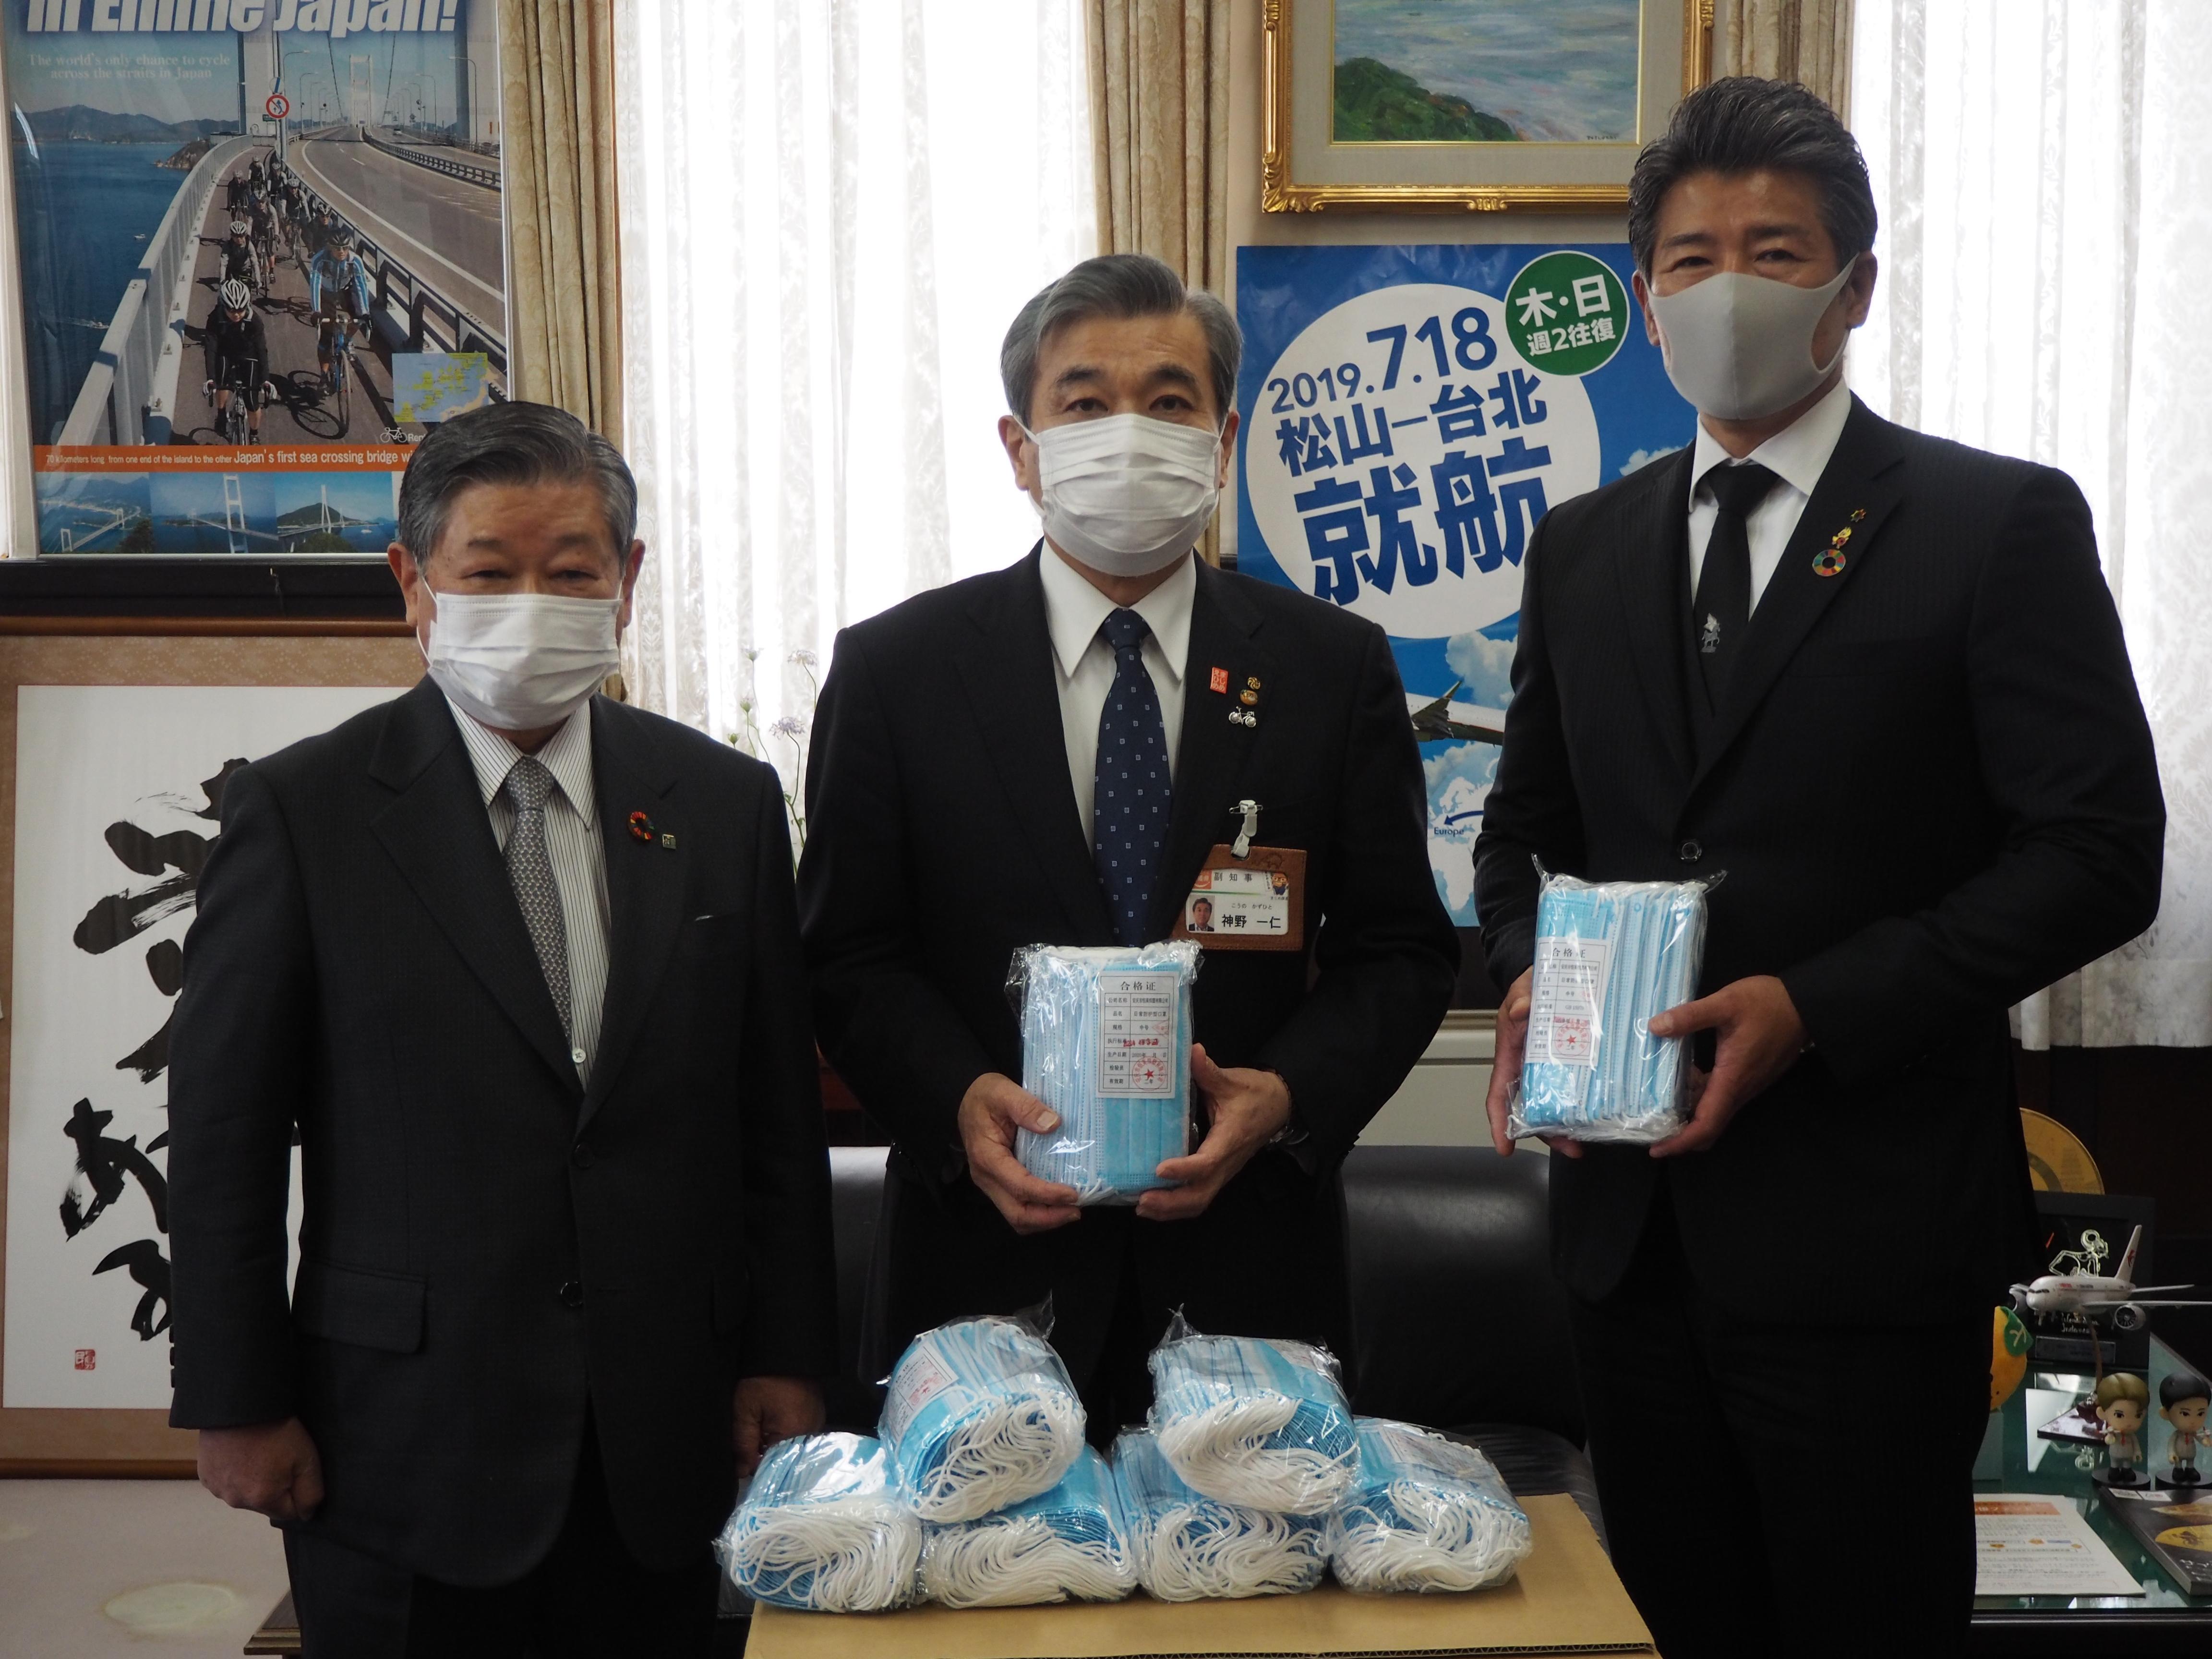 必要としている方に~愛媛県本部・㈱輝城がマスク寄贈~